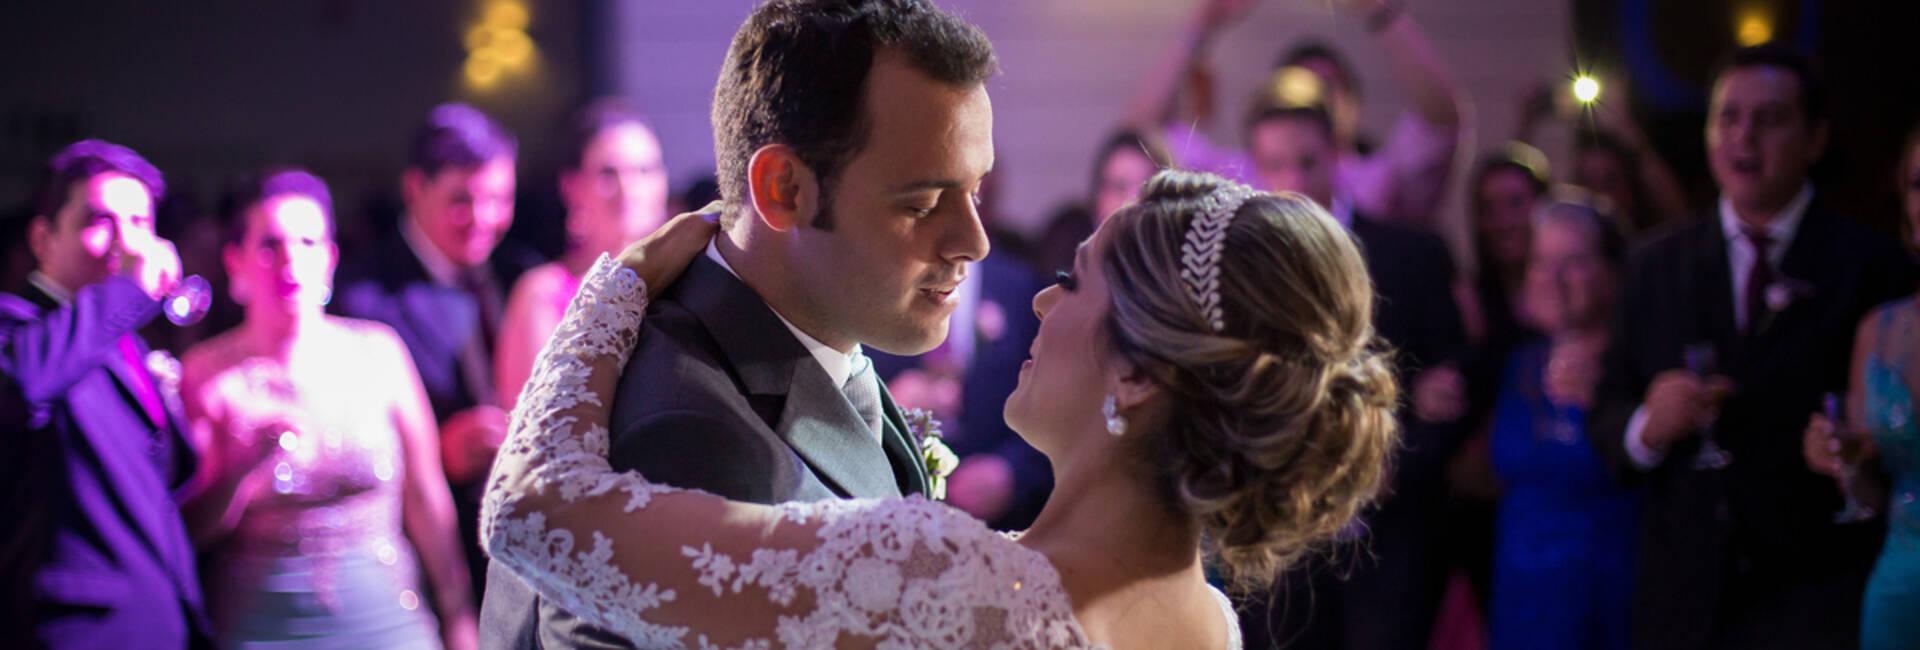 Casamento de Mônica & Danilo